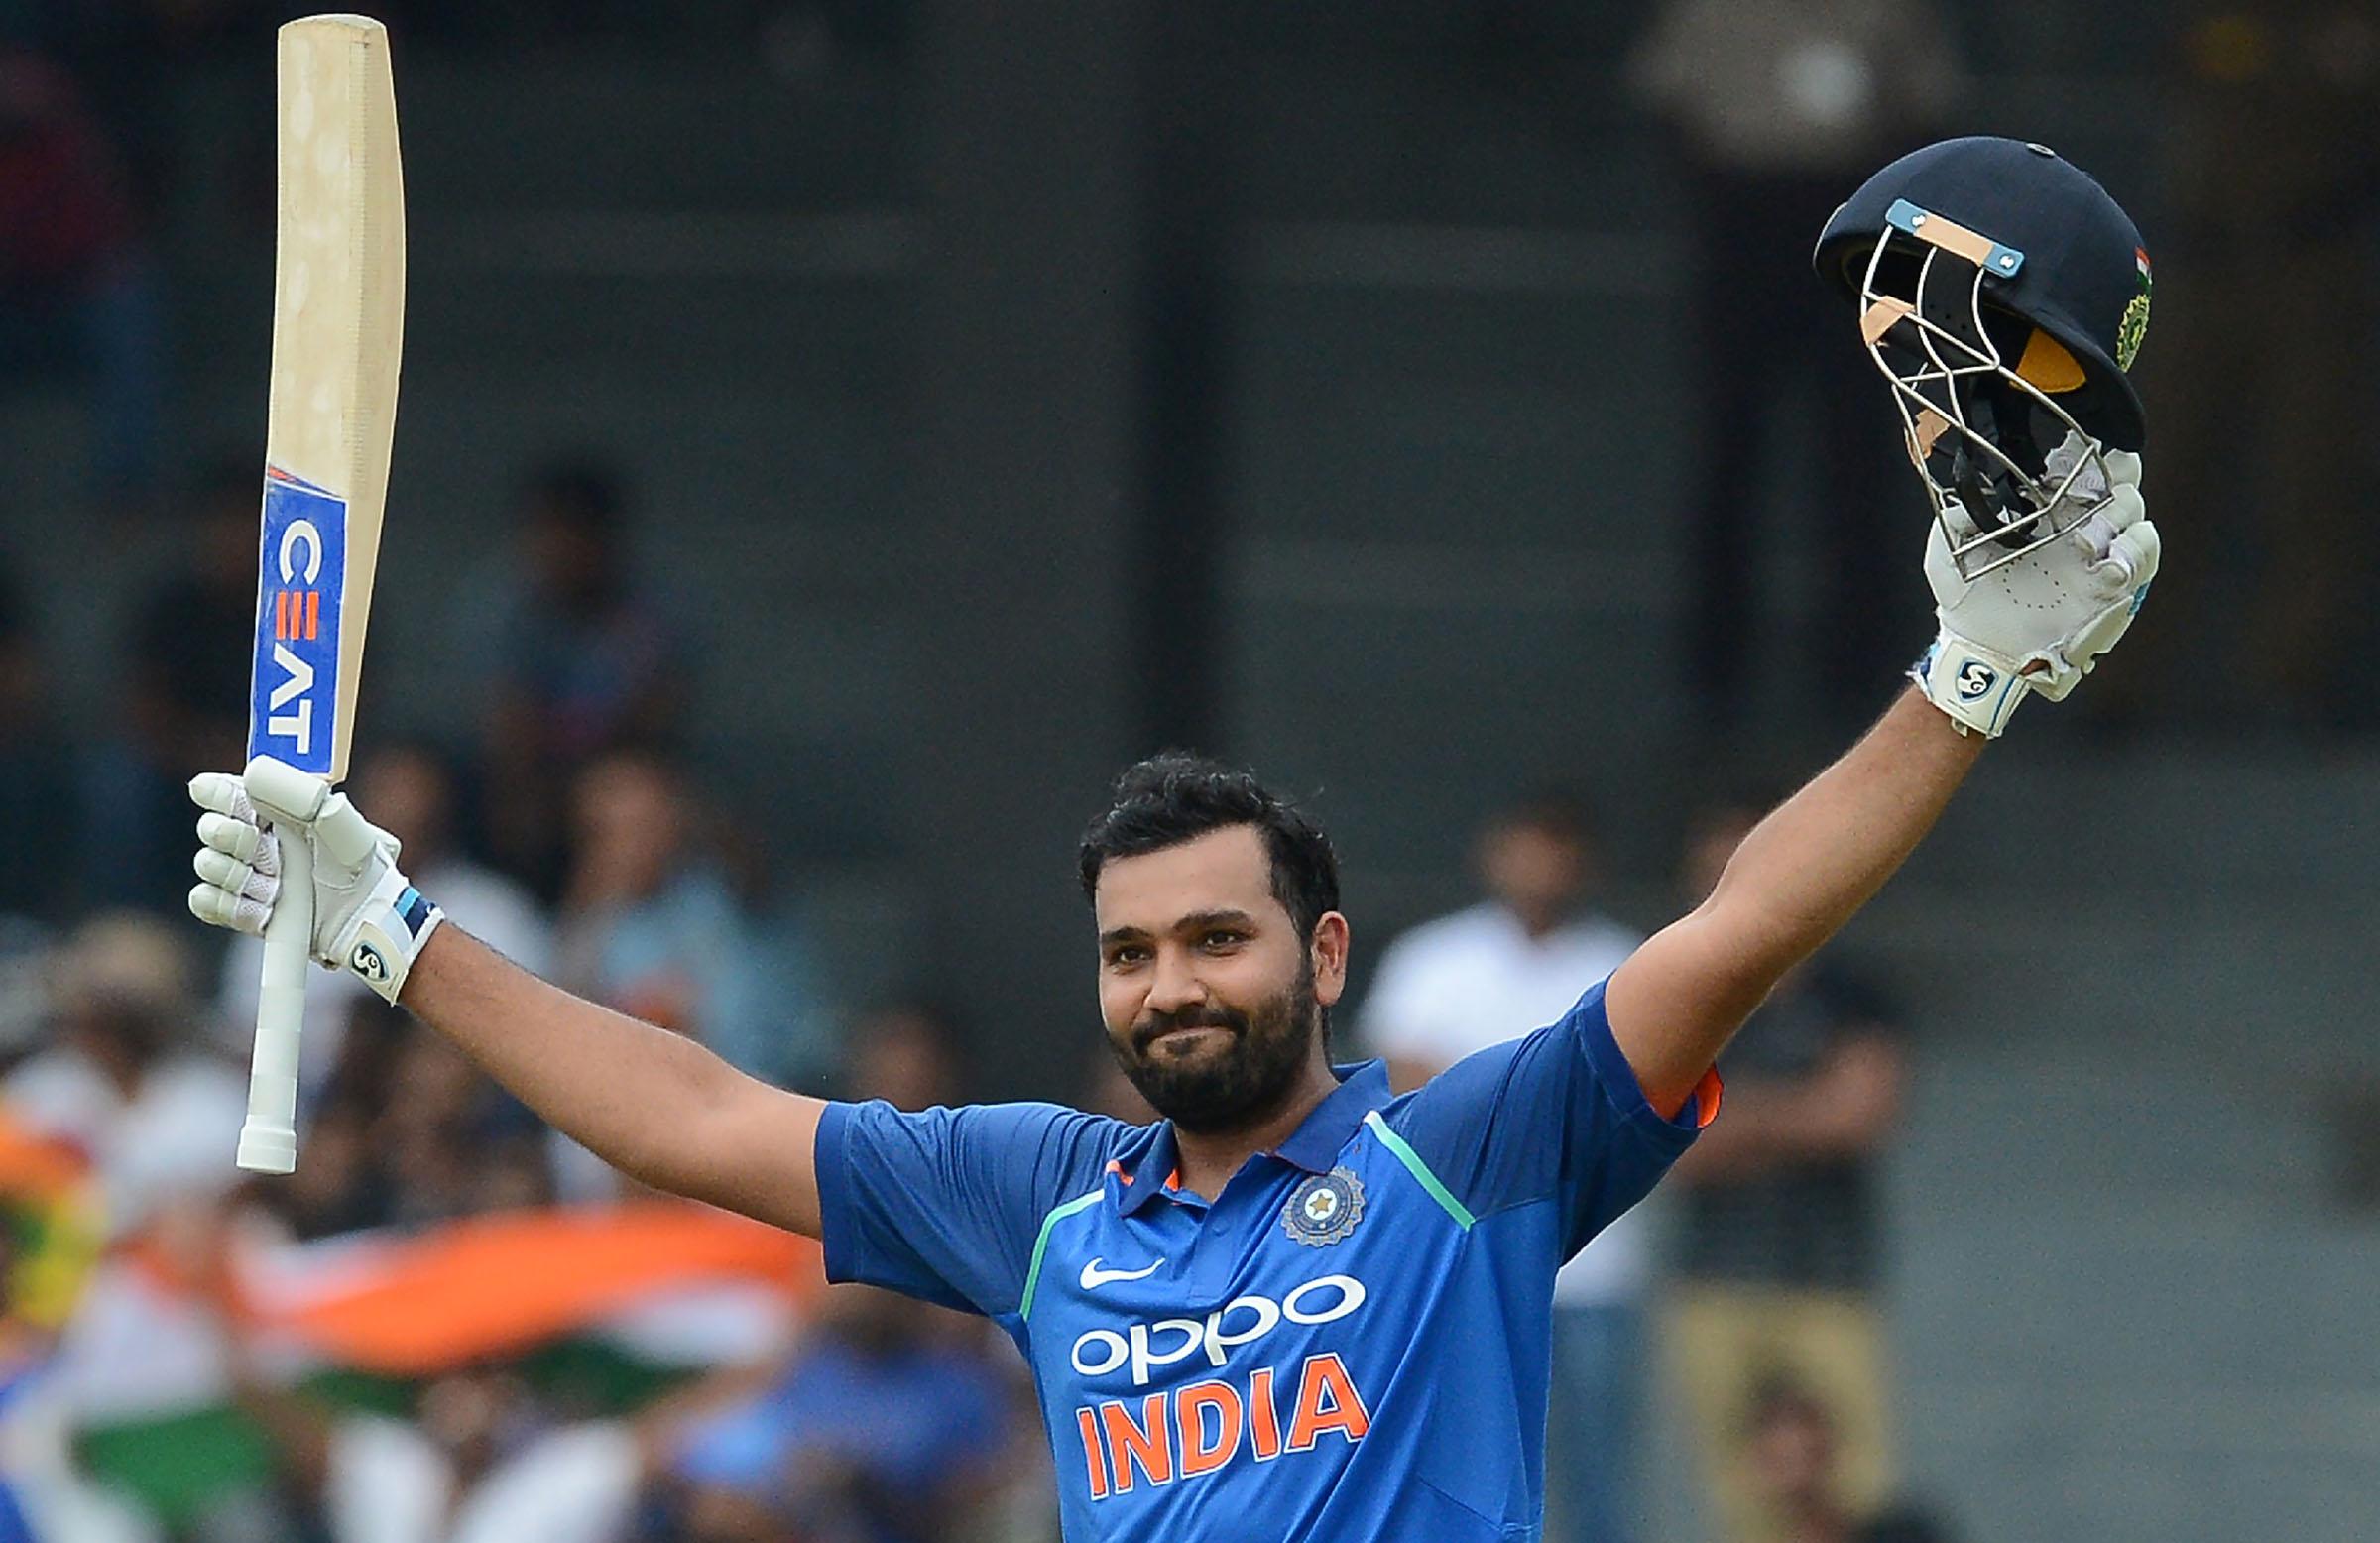 statical preview :  चौथे वनडे मैच में बन सकते है खास रिकॉर्ड, कोहली-रोहित के पास विश्व रिकॉर्ड बनाने का मौका 2